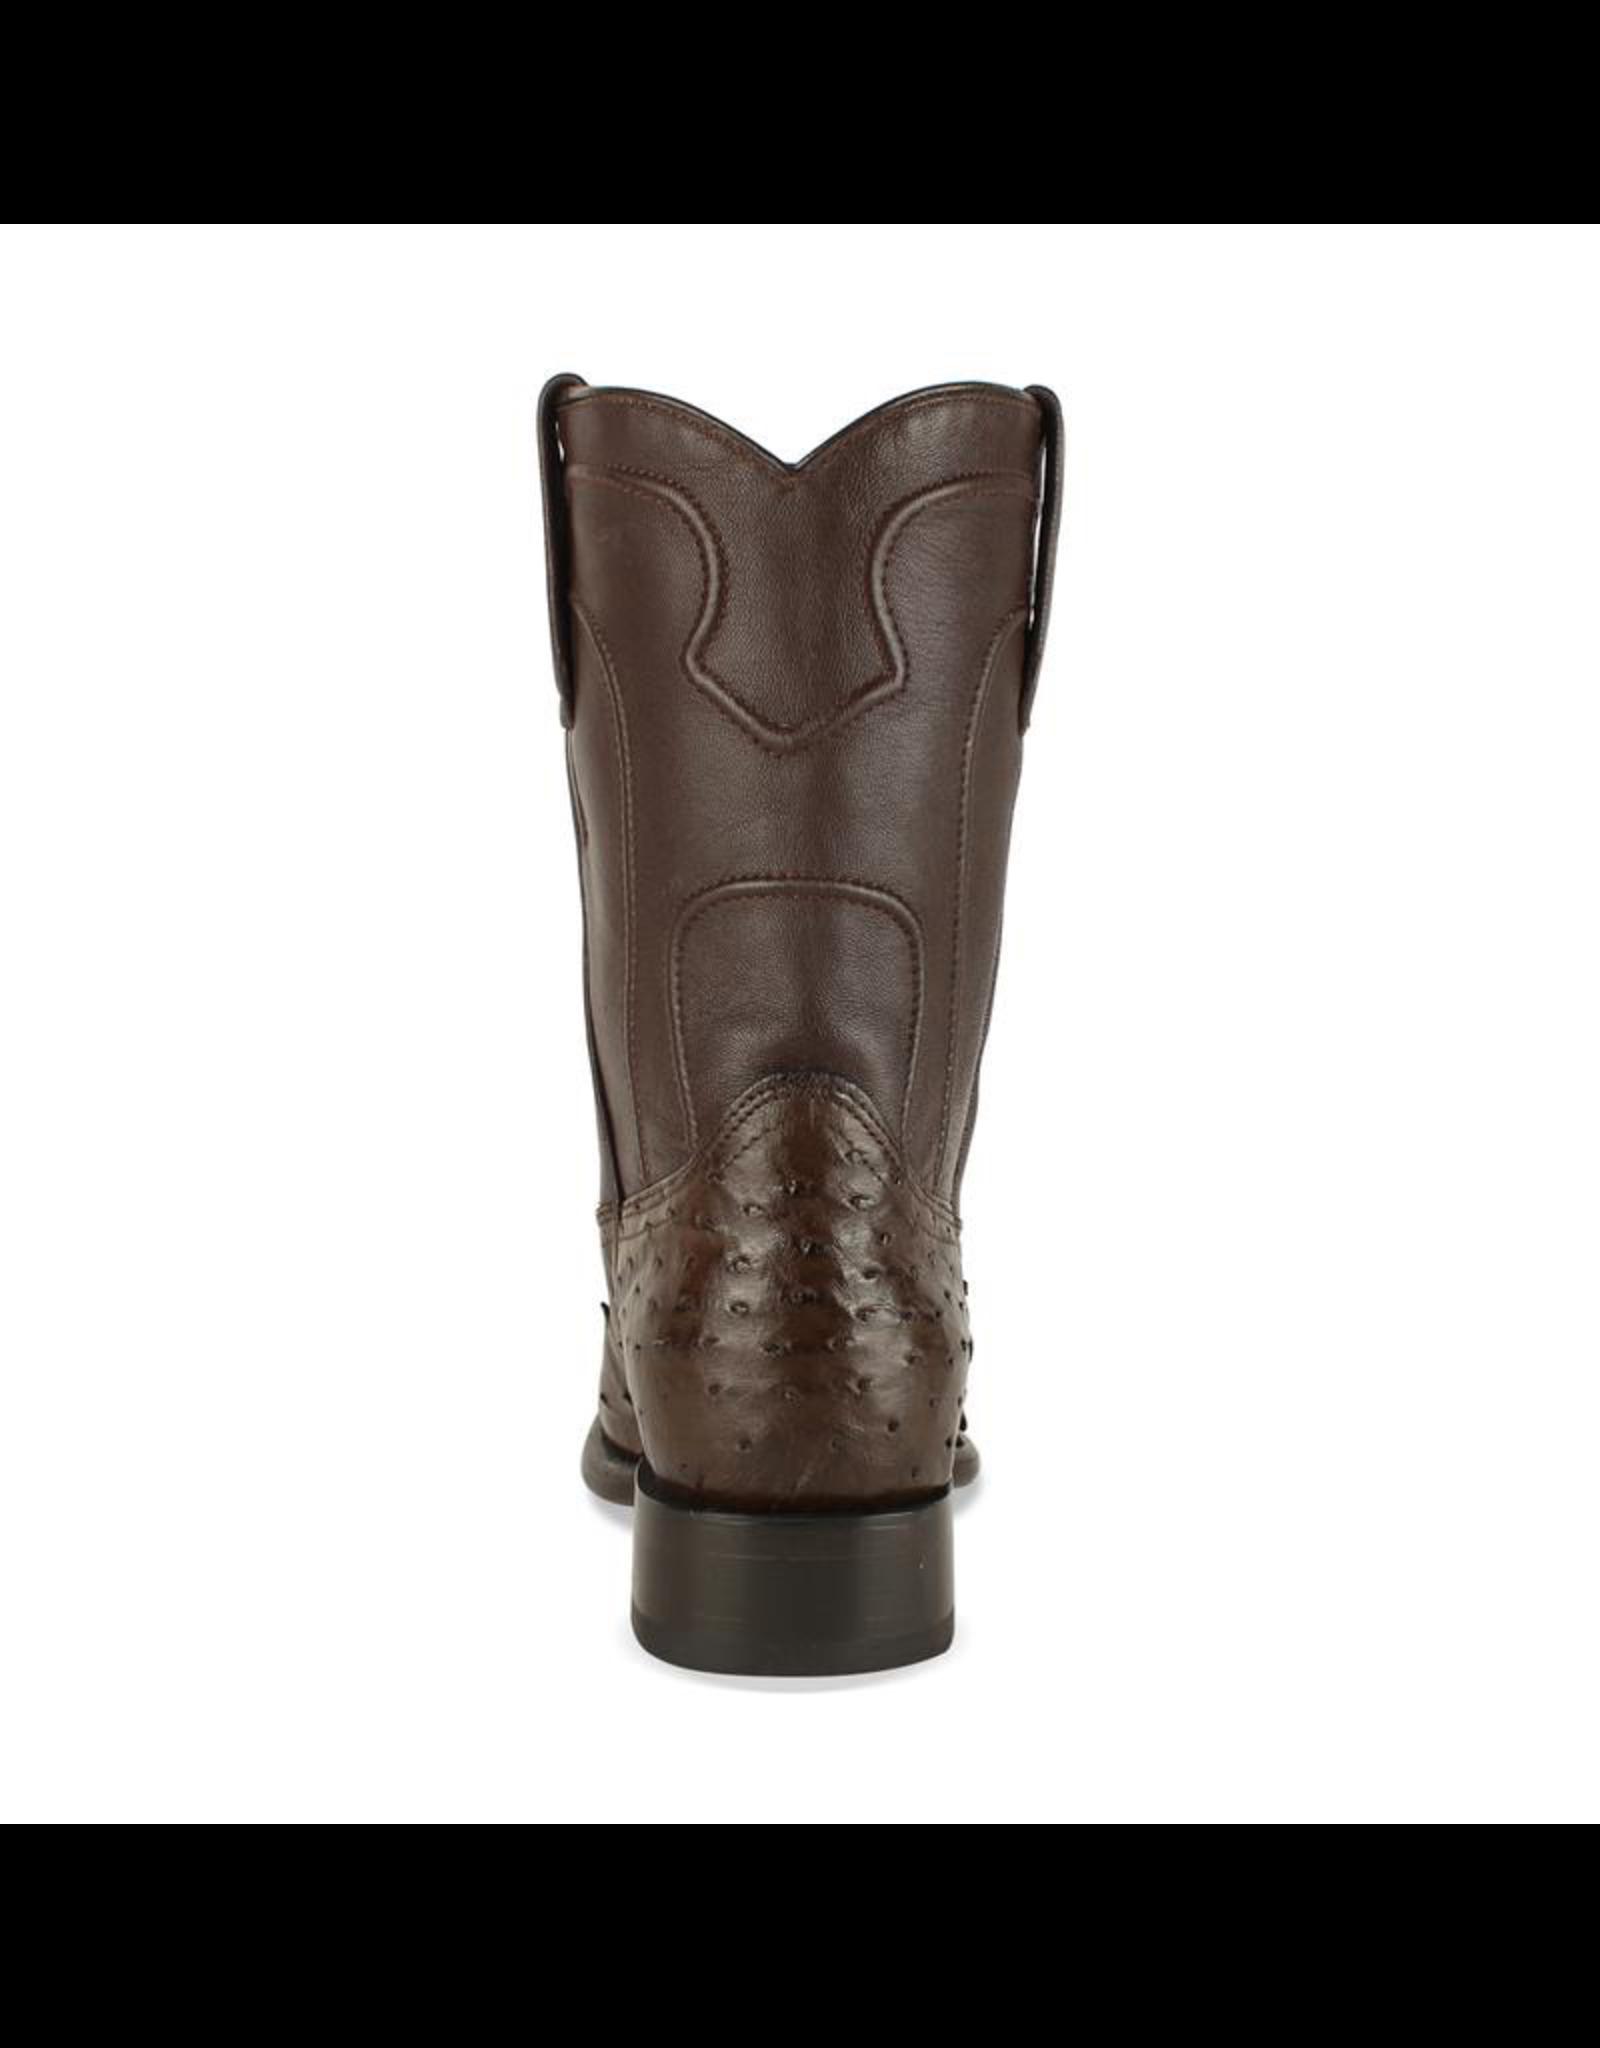 Boots-Men LOS ALTOS Full Quill Ostritch Roper